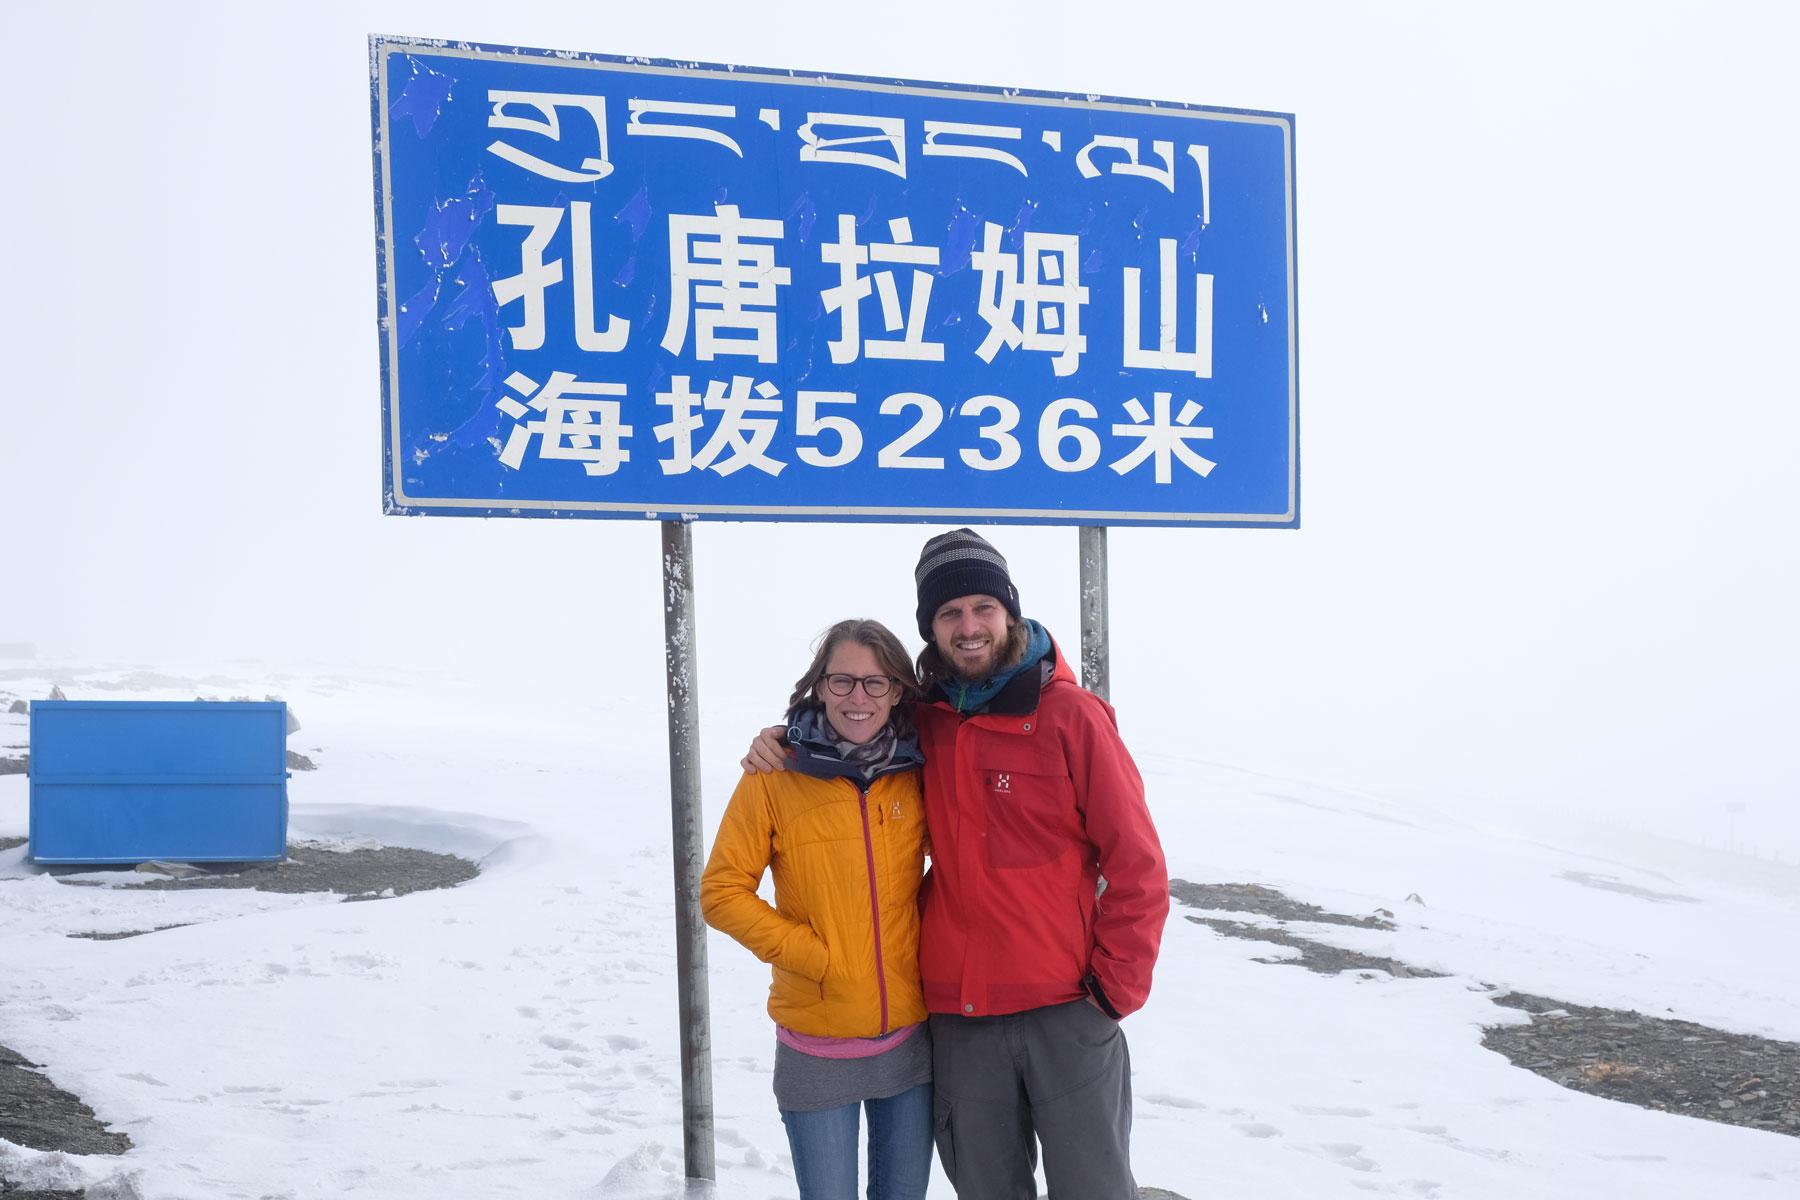 Wir verabschieden uns nun erst mal von Höhe, Kälte und Schnee, denn es geht auf nach Südostasien! Unser Winterklamotten befinden sich schon in einem Paket auf dem Weg nach Hause...